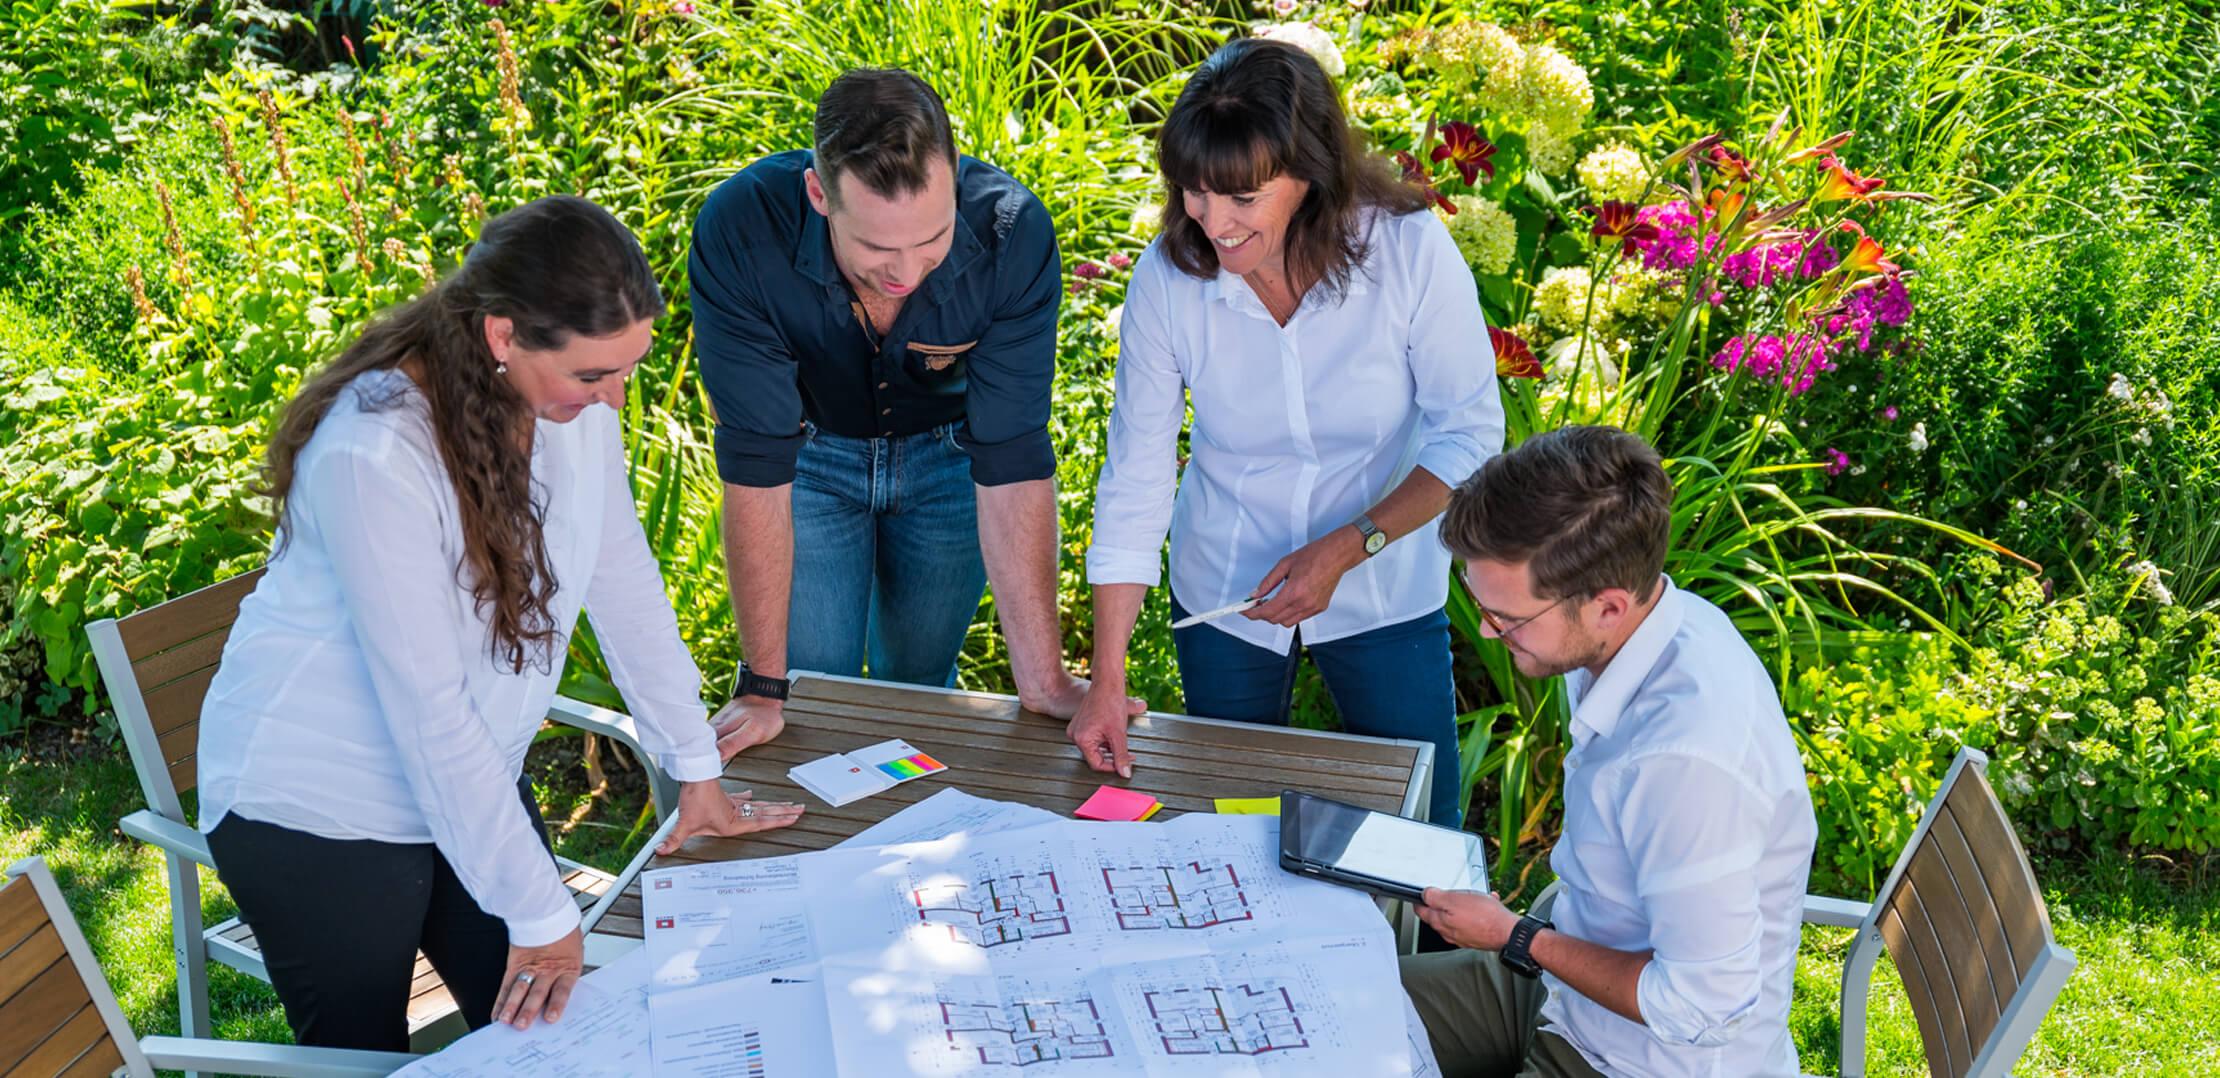 Planung_Teambesprechung_Foto-Michael-Kammeter